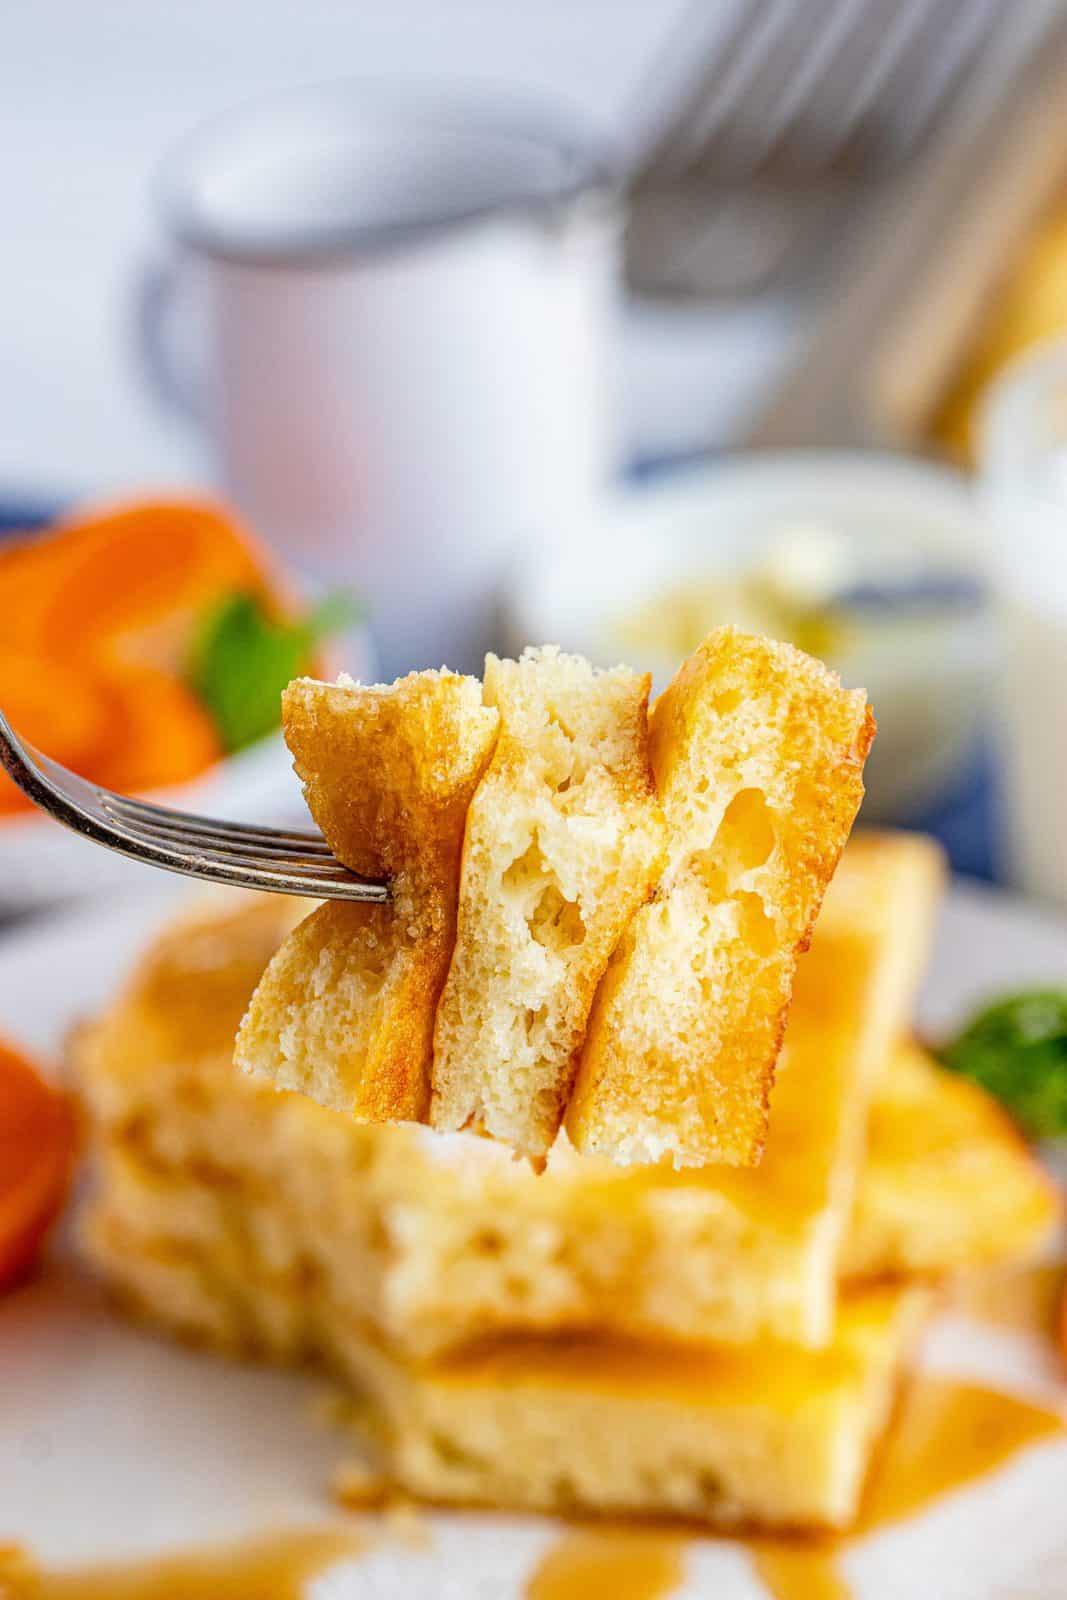 Fork holding bites of pancakes on fork.